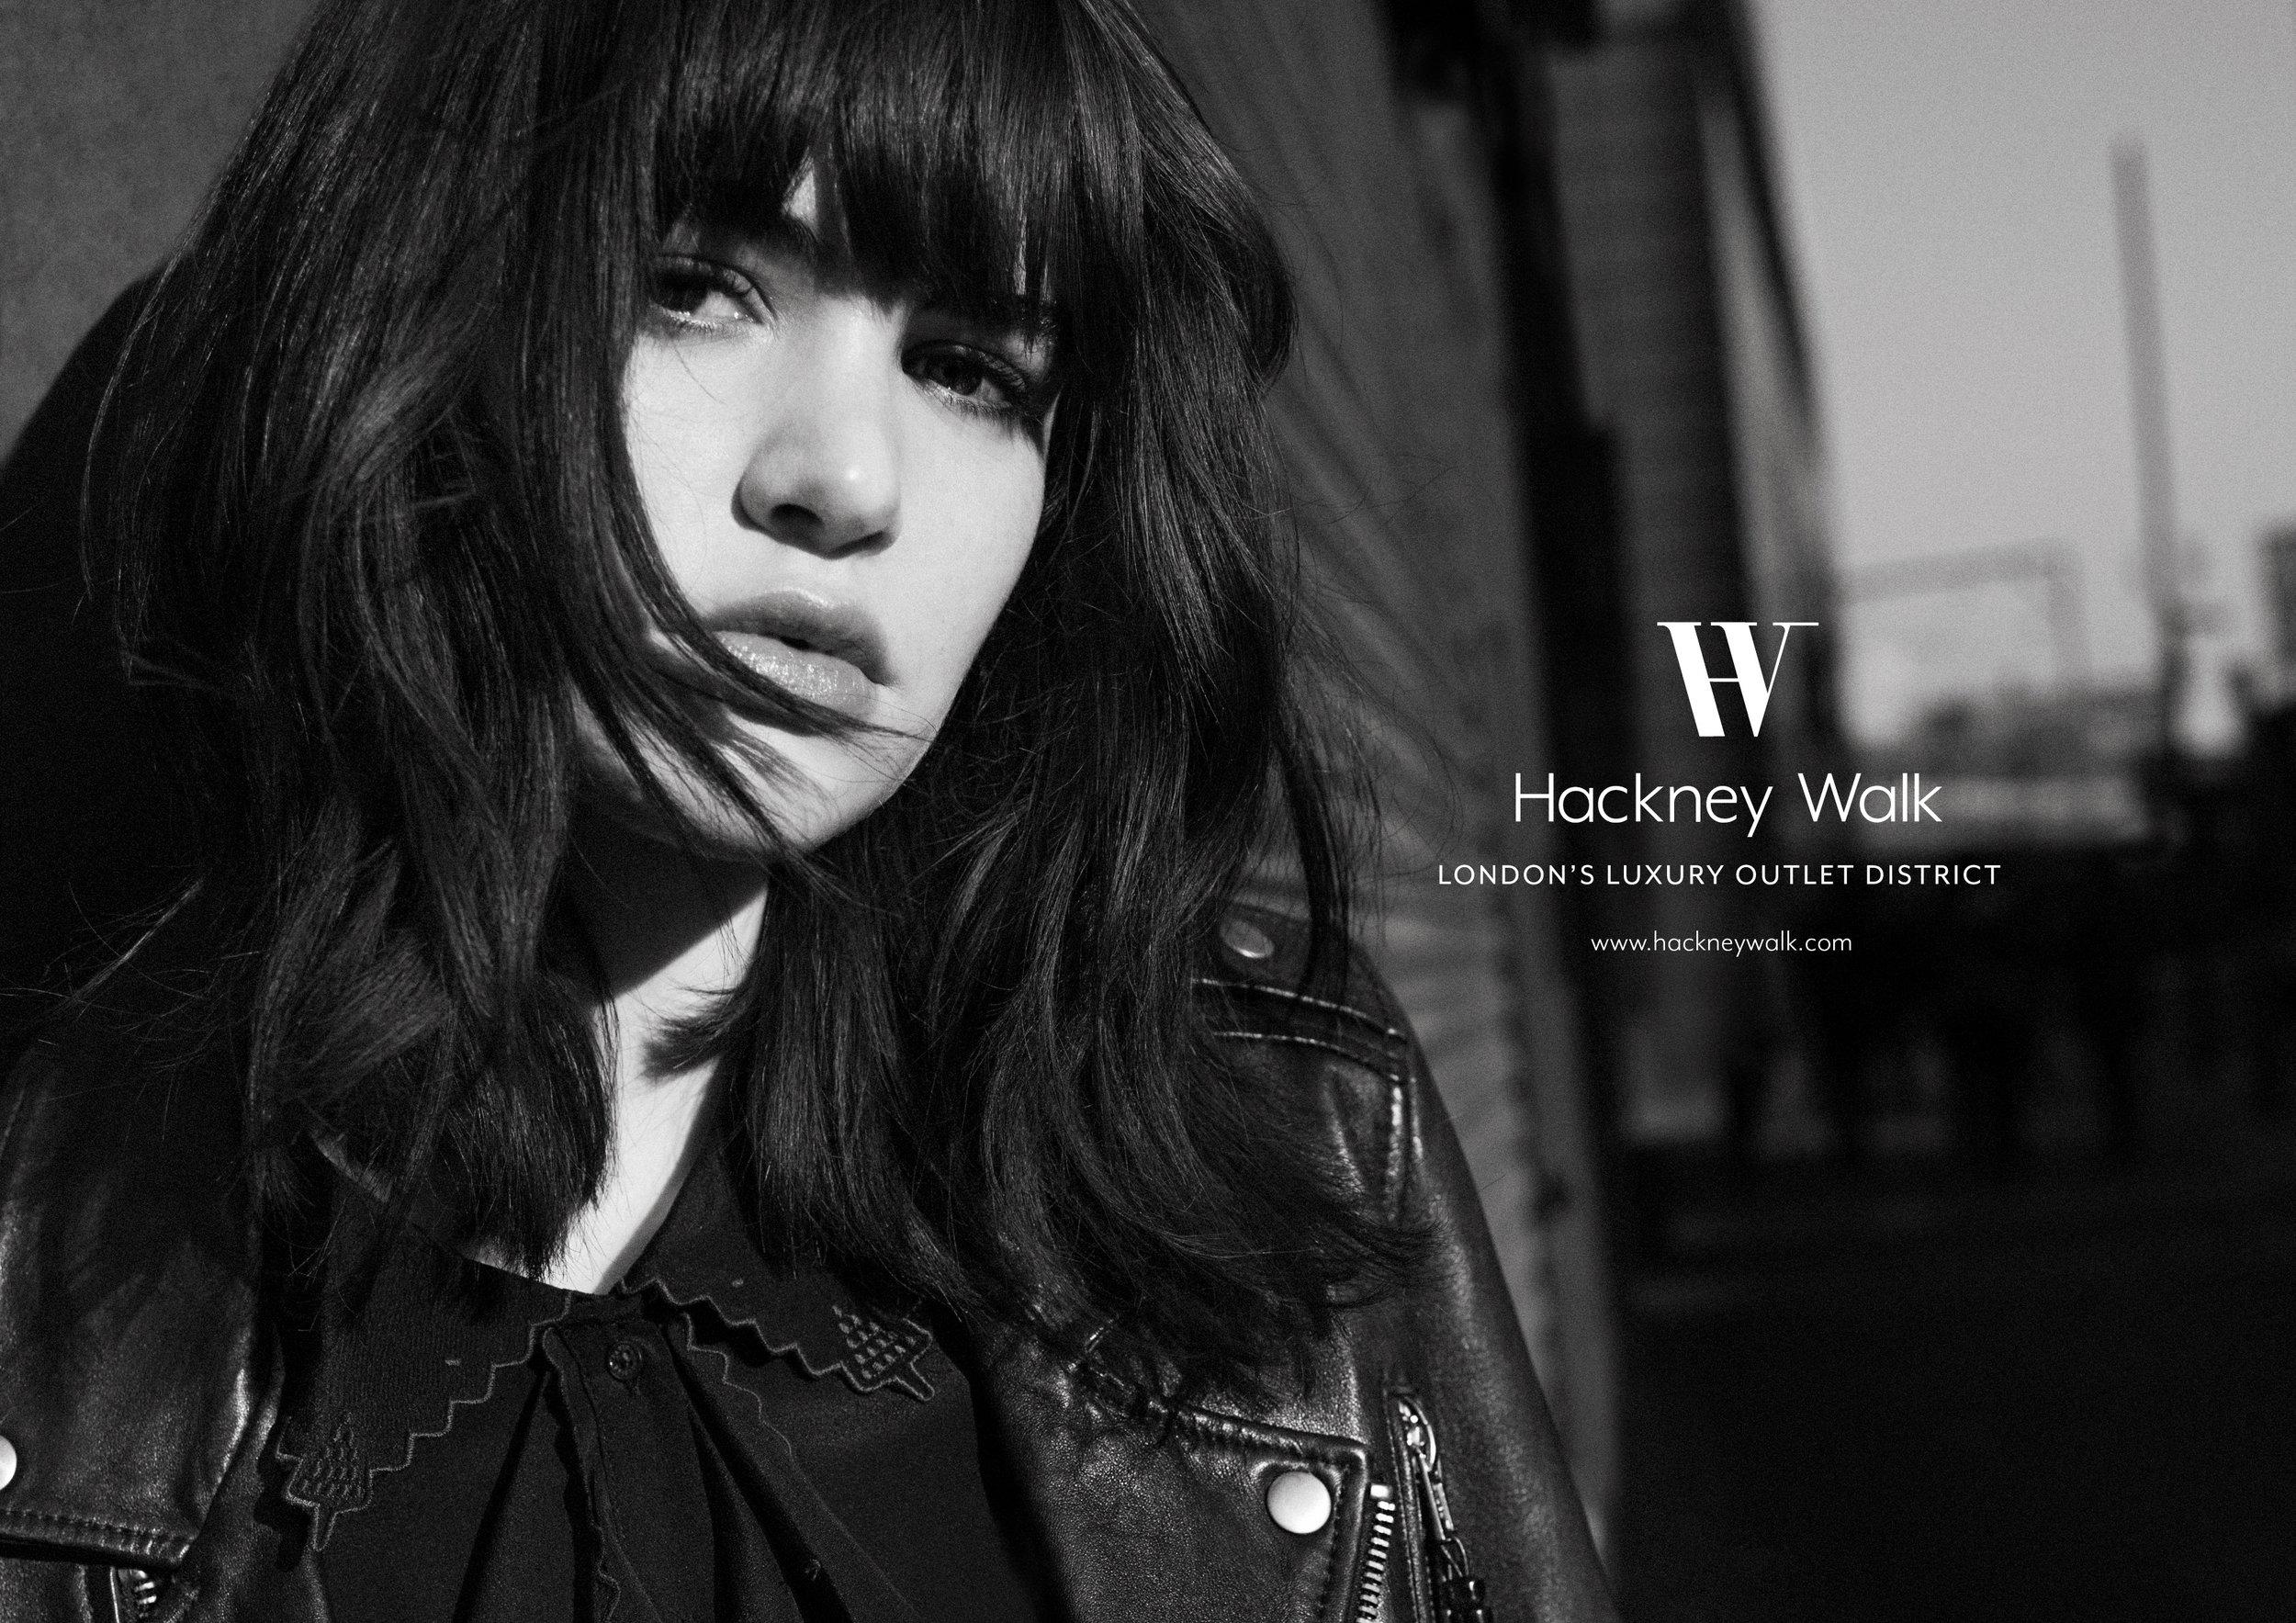 Hackney Walk Advertising